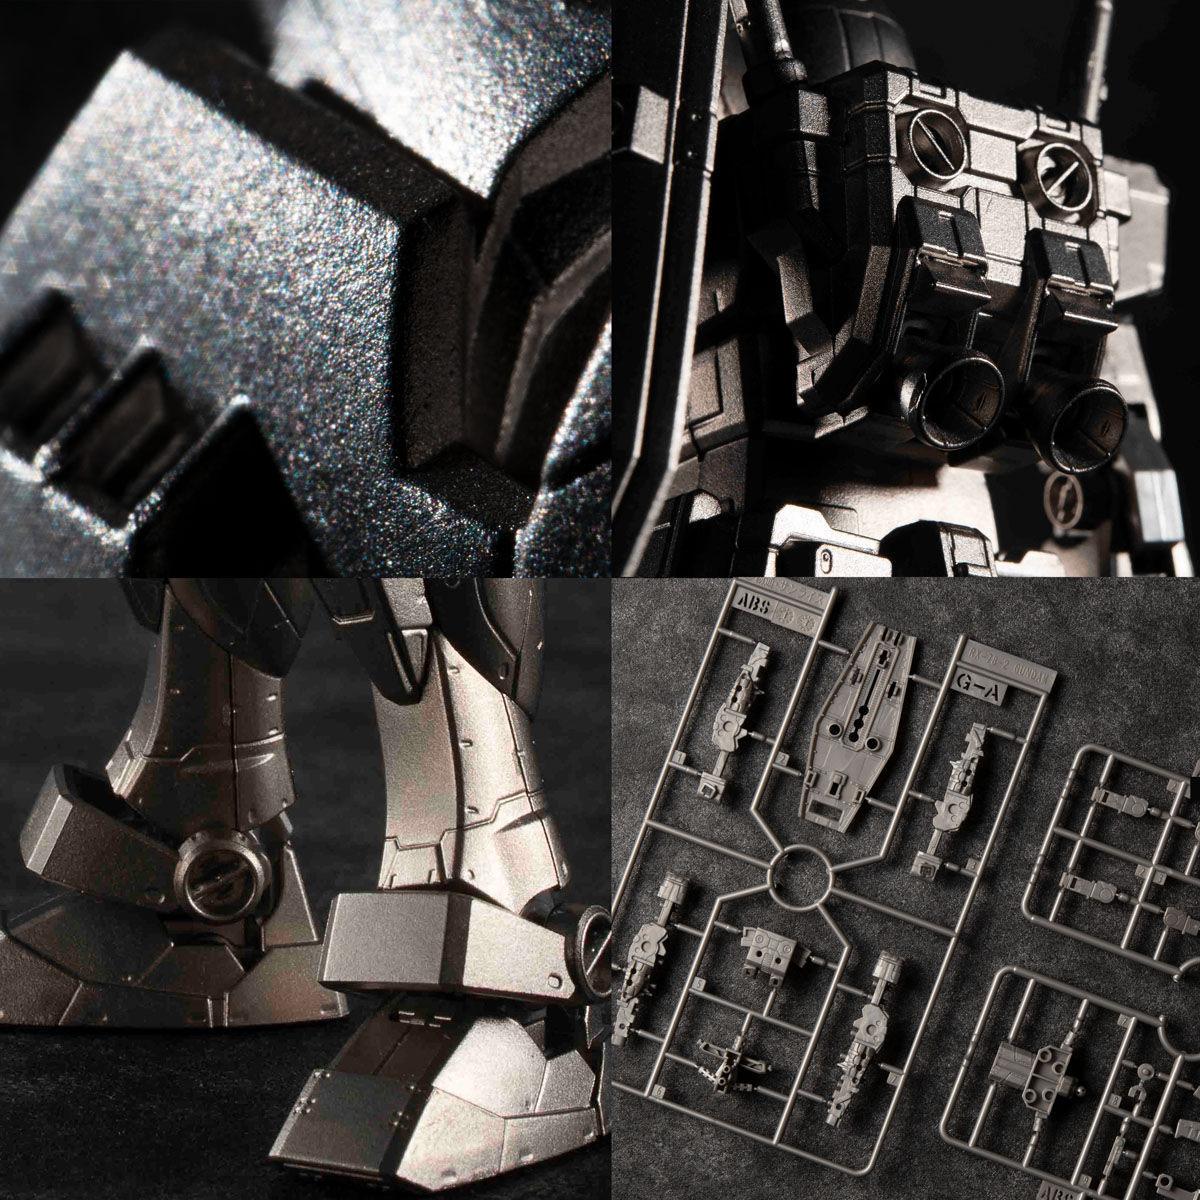 【限定販売】ガンダリウム合金モデル『RX-78-2 ガンダム』1/144 合金モデル-009